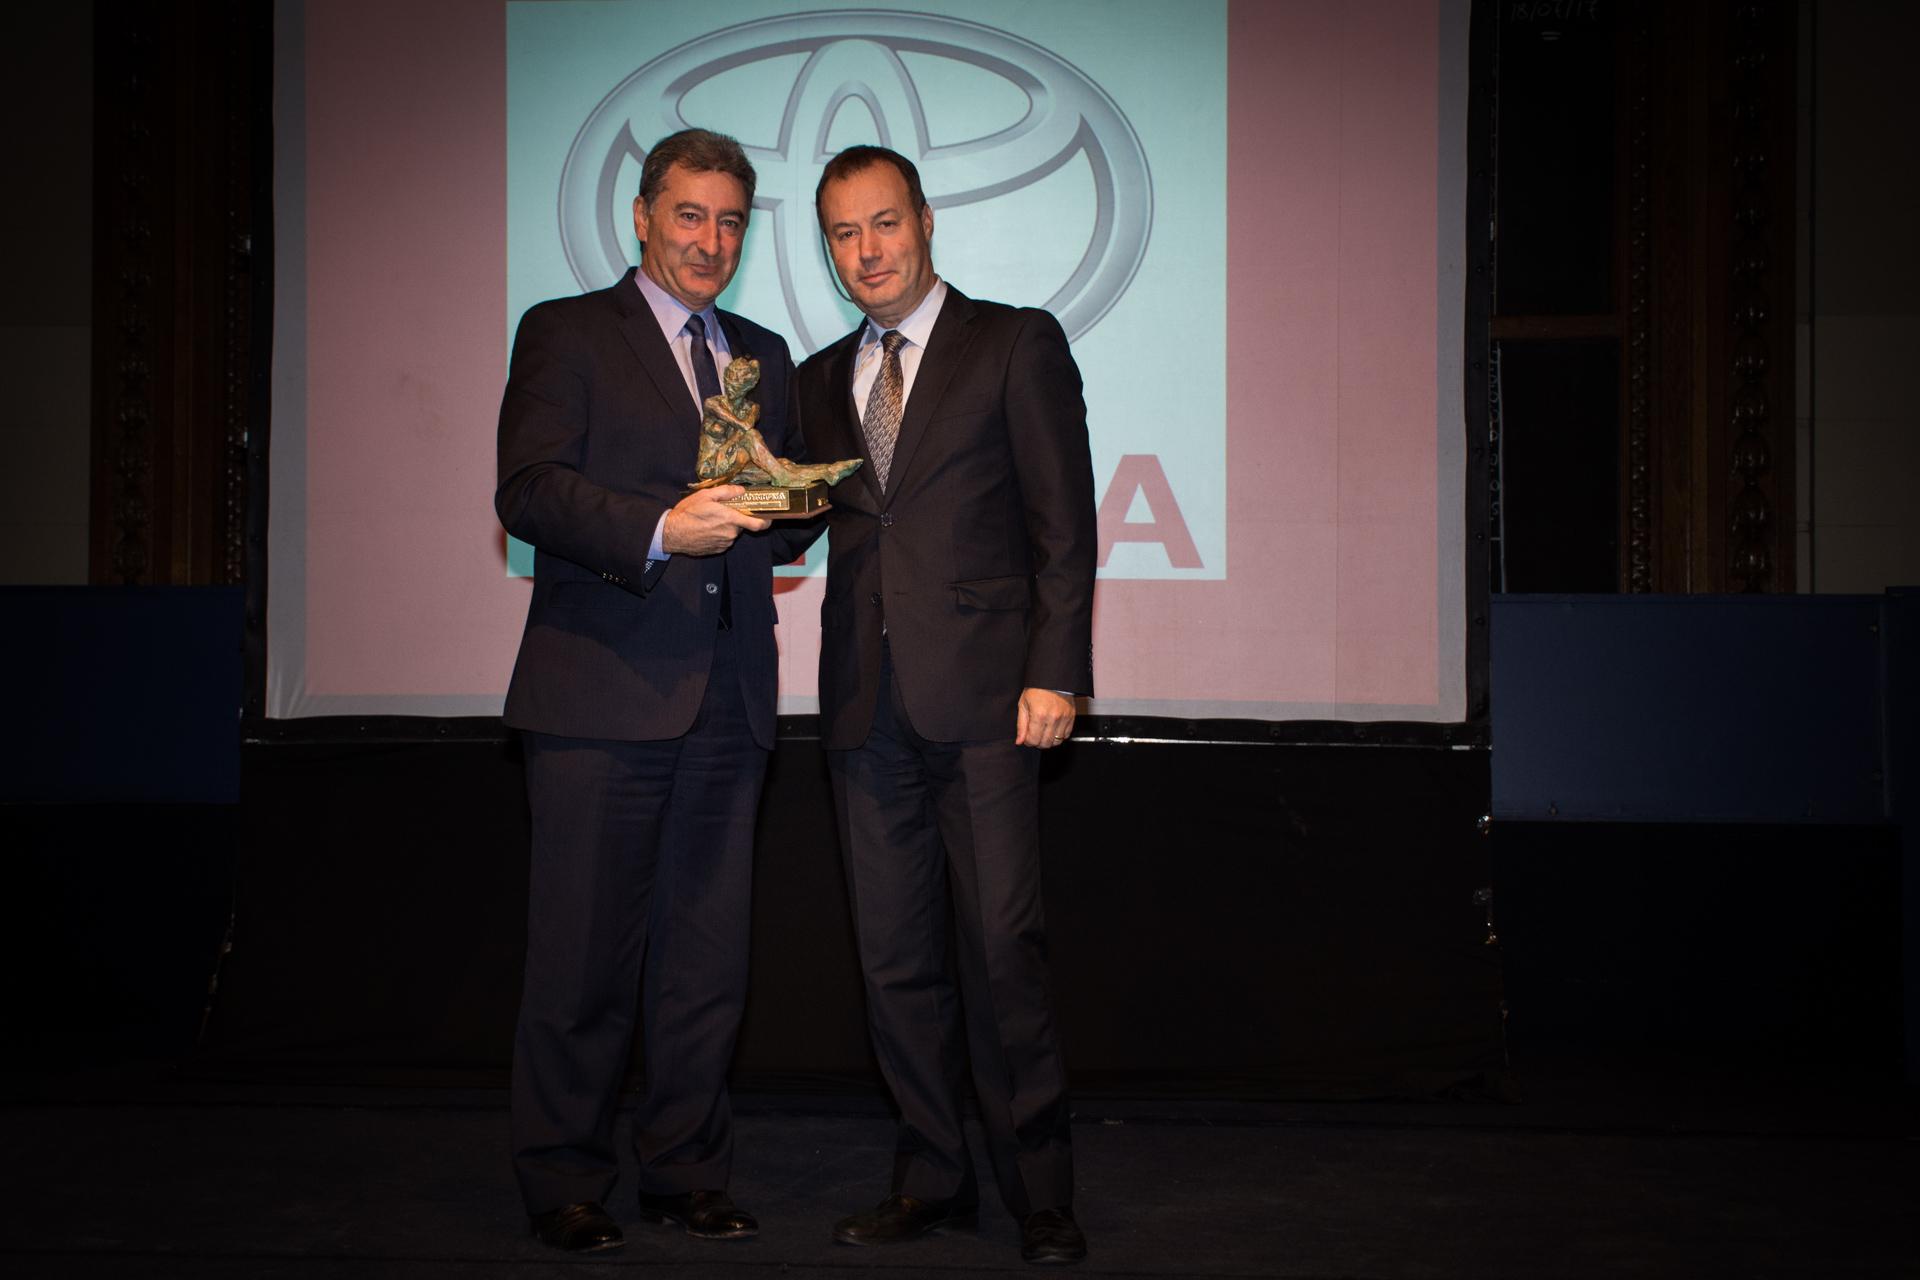 Toyota ganó como Mejor Empresa Automotriz. El premio fue recibido por su presidente, Daniel Herrero, de manos de Maurizio Bezzeccheri, country manager del Grupo Enel